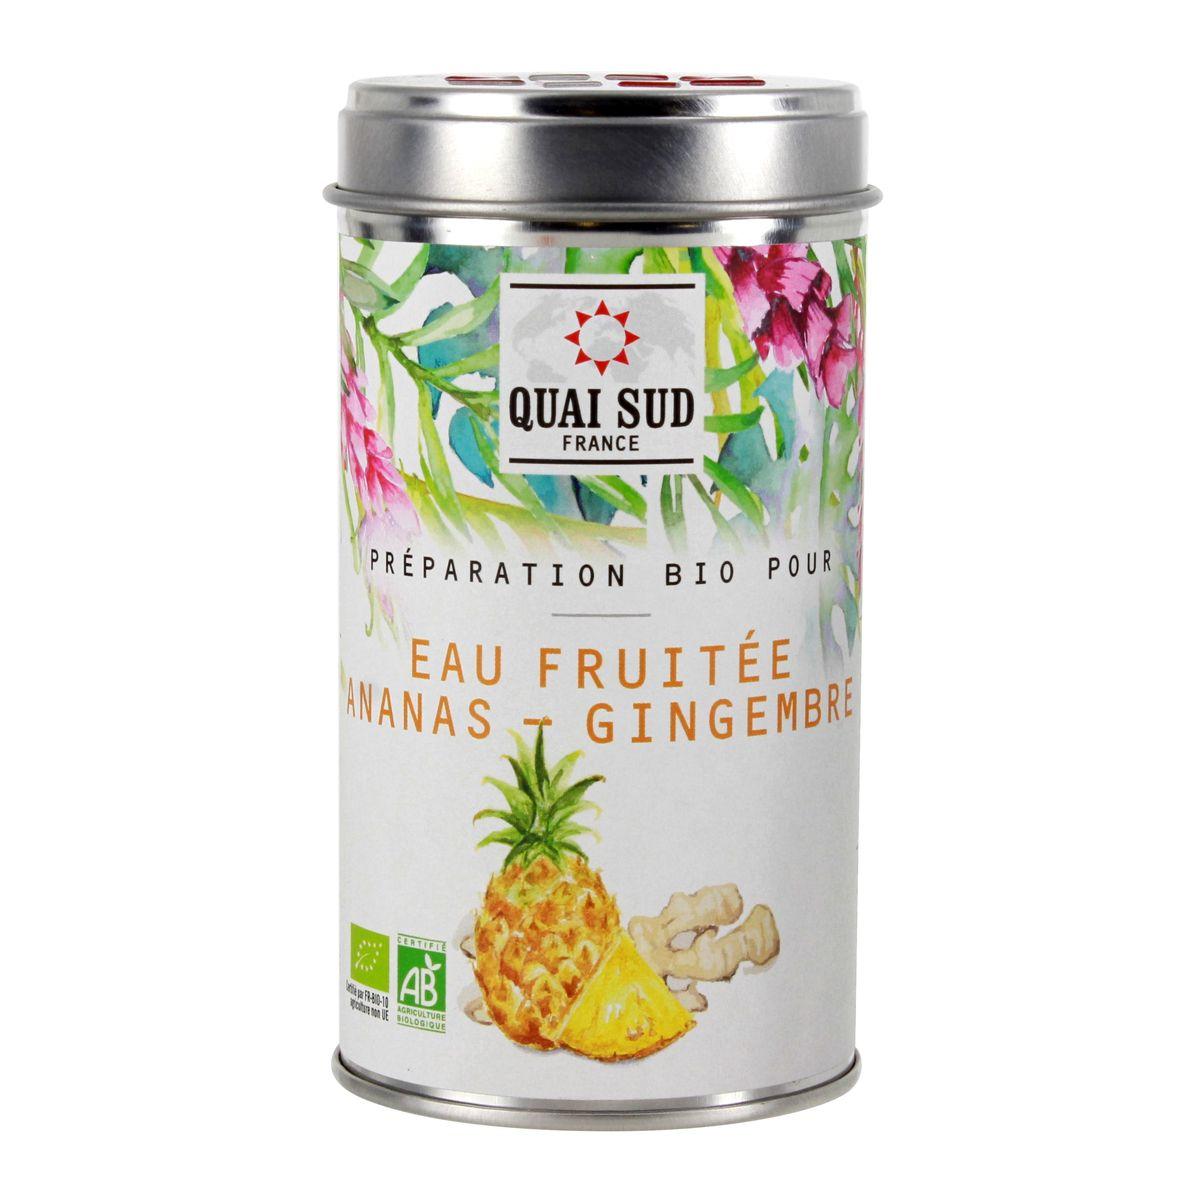 Eau fruitée ananas - gingembre - Quai Sud